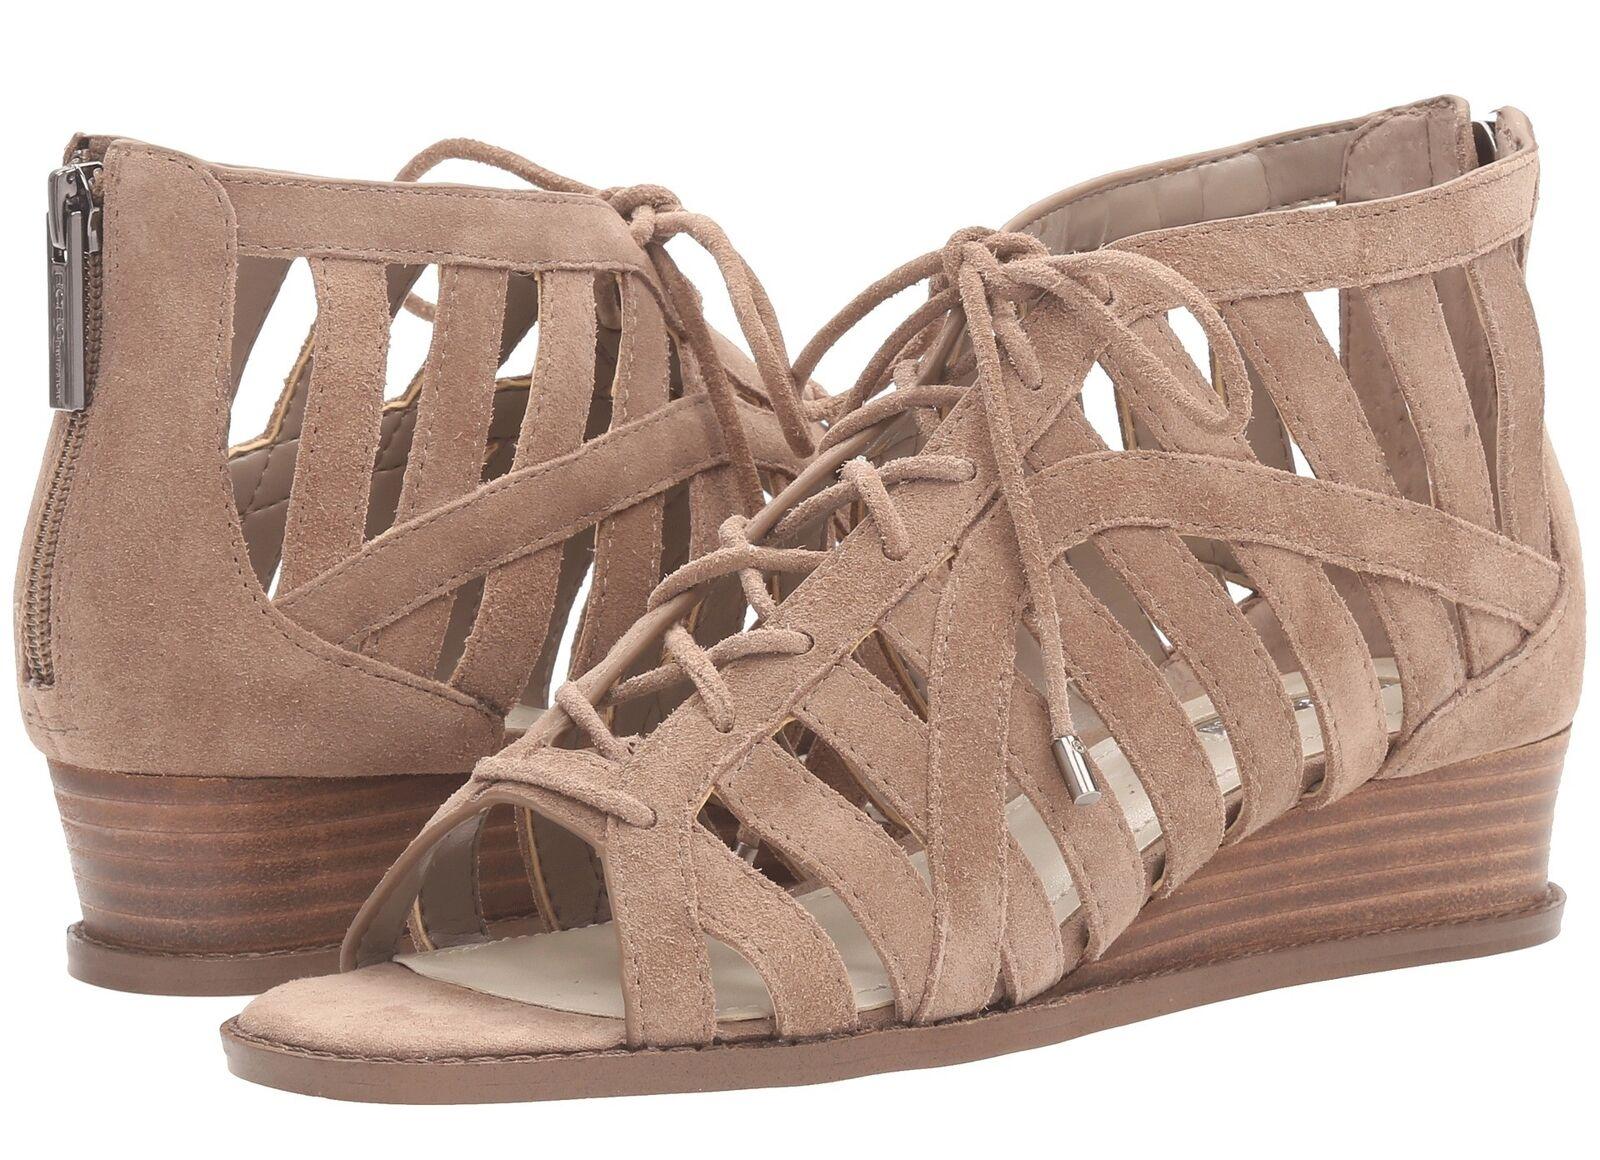 BCBGeneration donna 'Madeya' Dark Beige Suede Wedge Wedge Wedge Sandals Sz 6.5 M - 231790 a2fc5d